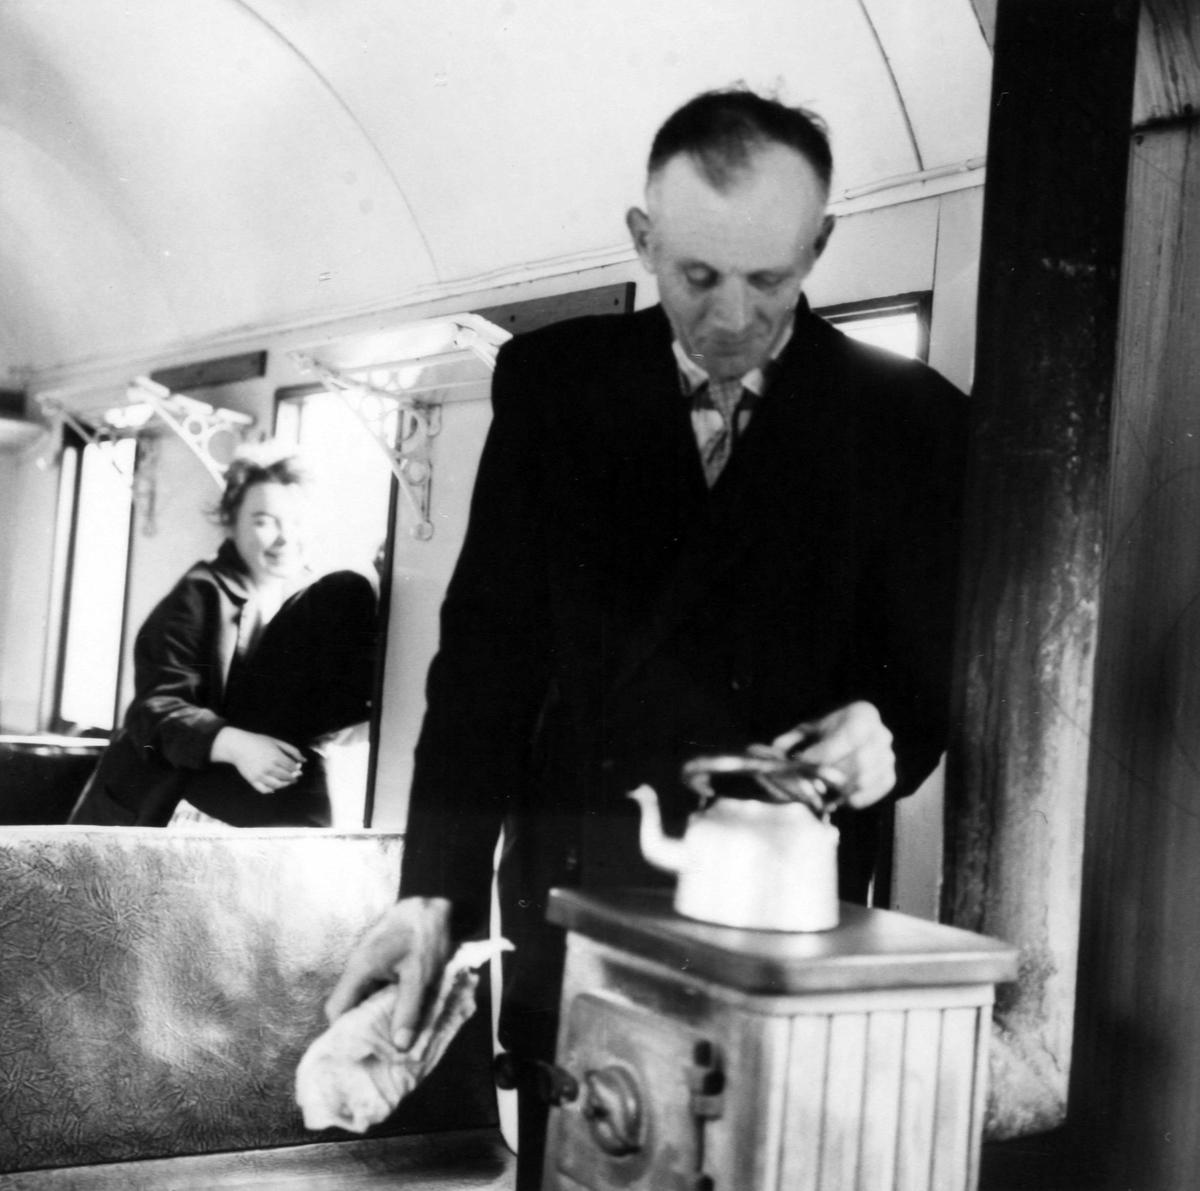 Vogn BCo3 - interiør. Reisende (later som om han) koker kaffe på vedovnen.